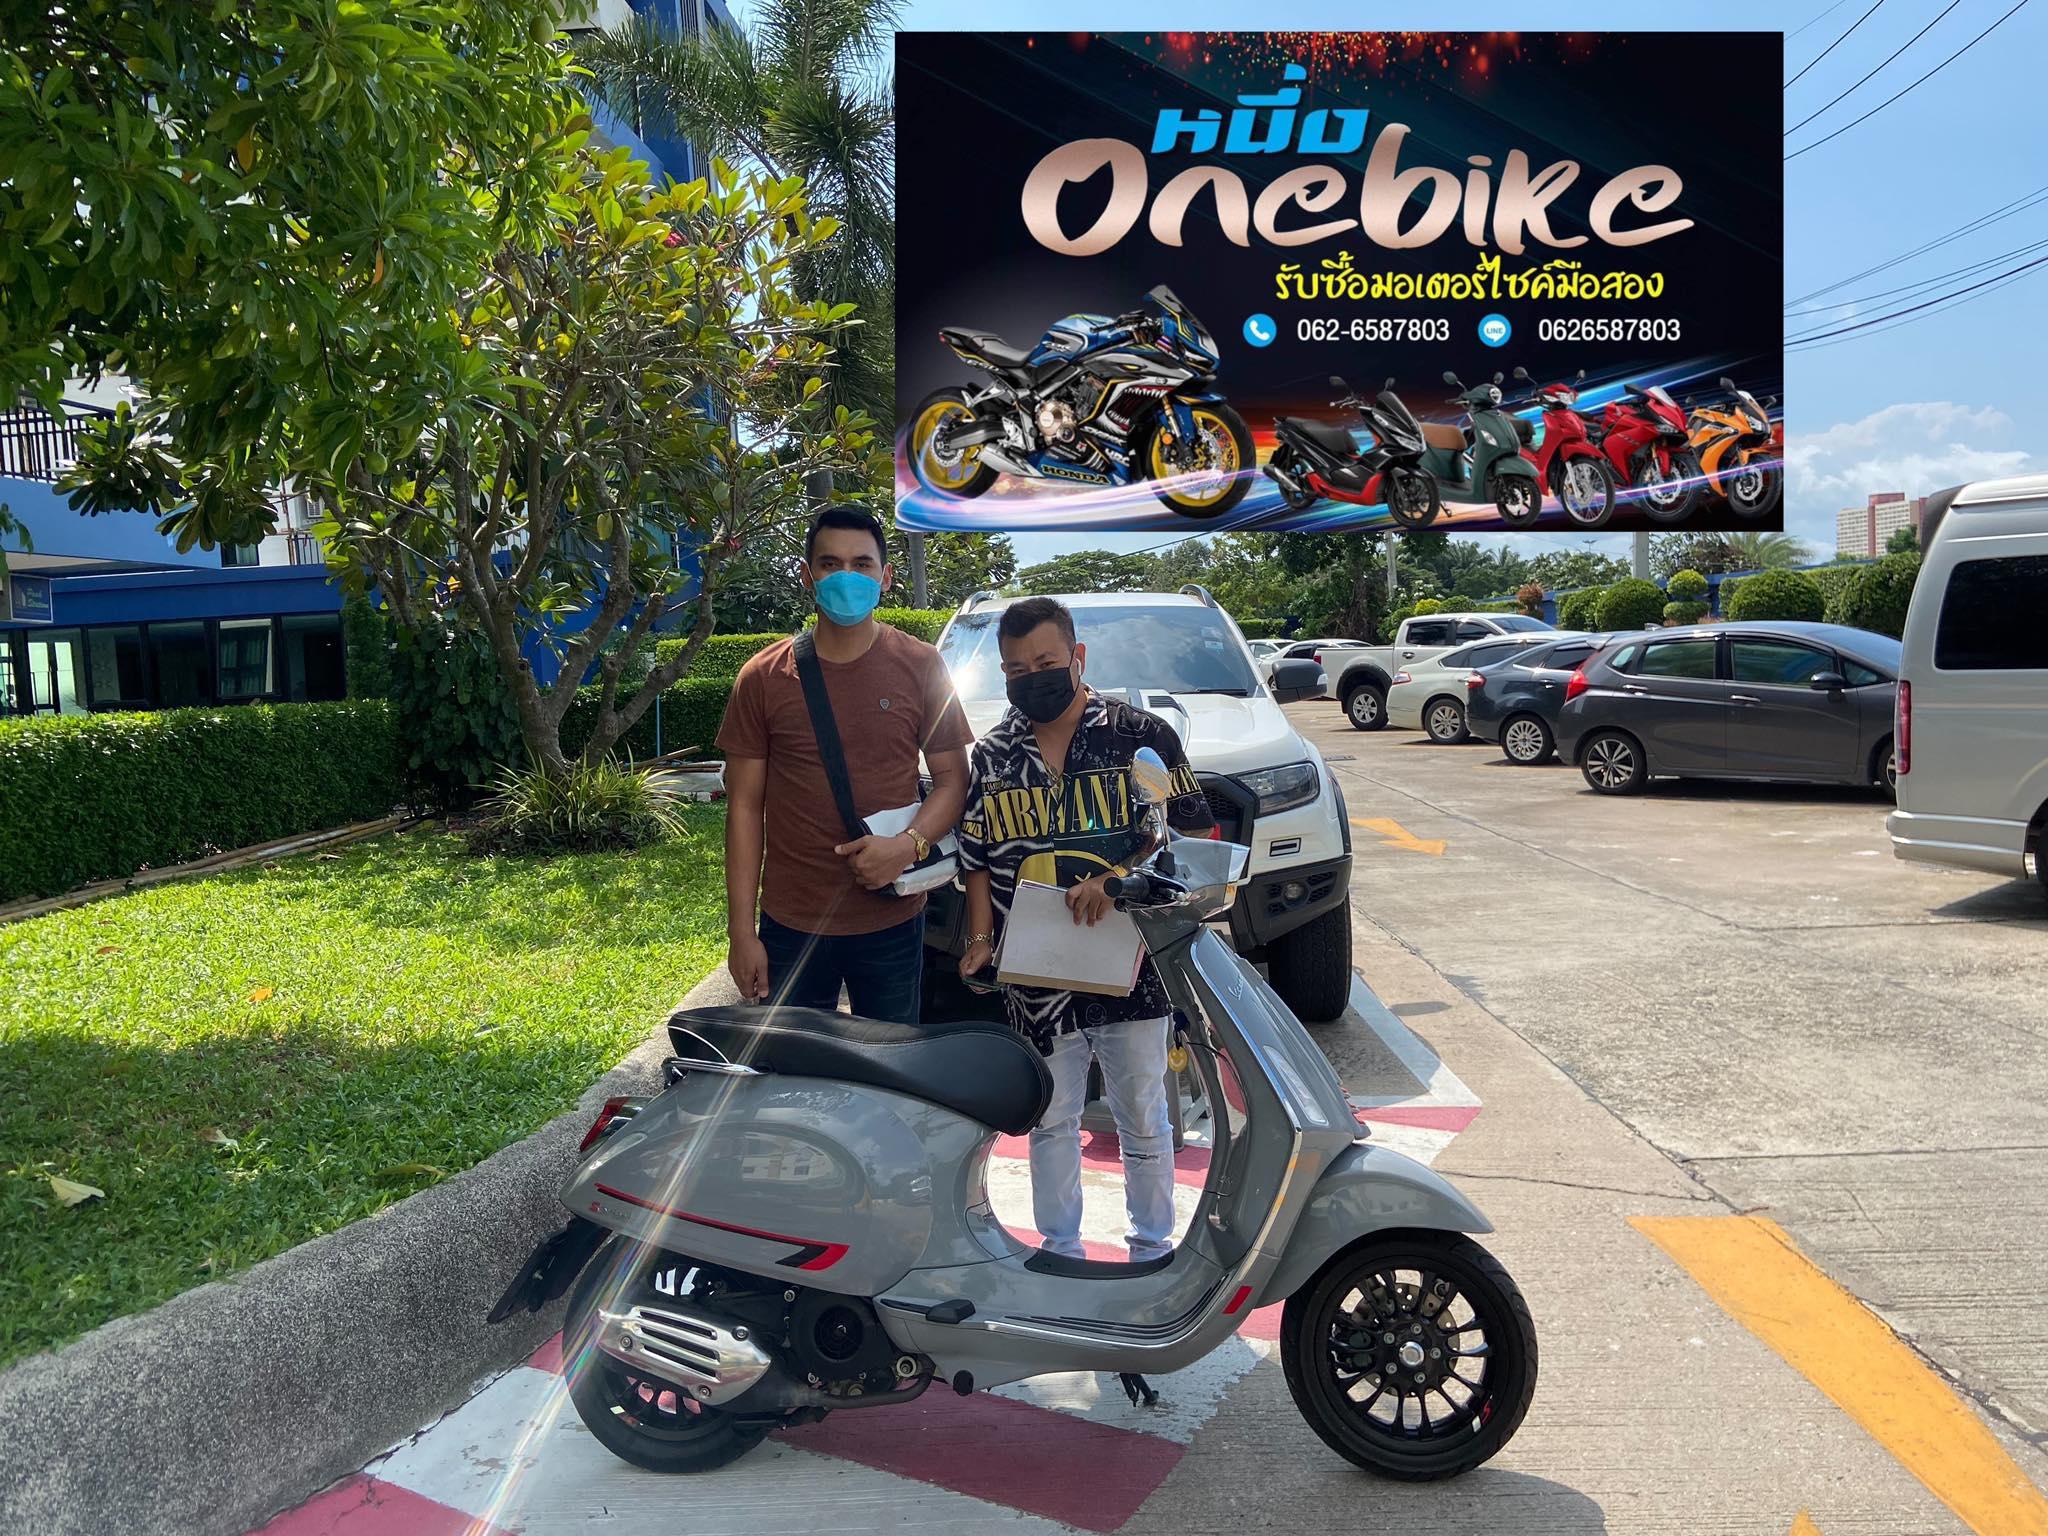 ONEBIKE รับซื้อรถมอเตอร์ไซค์มือสอง